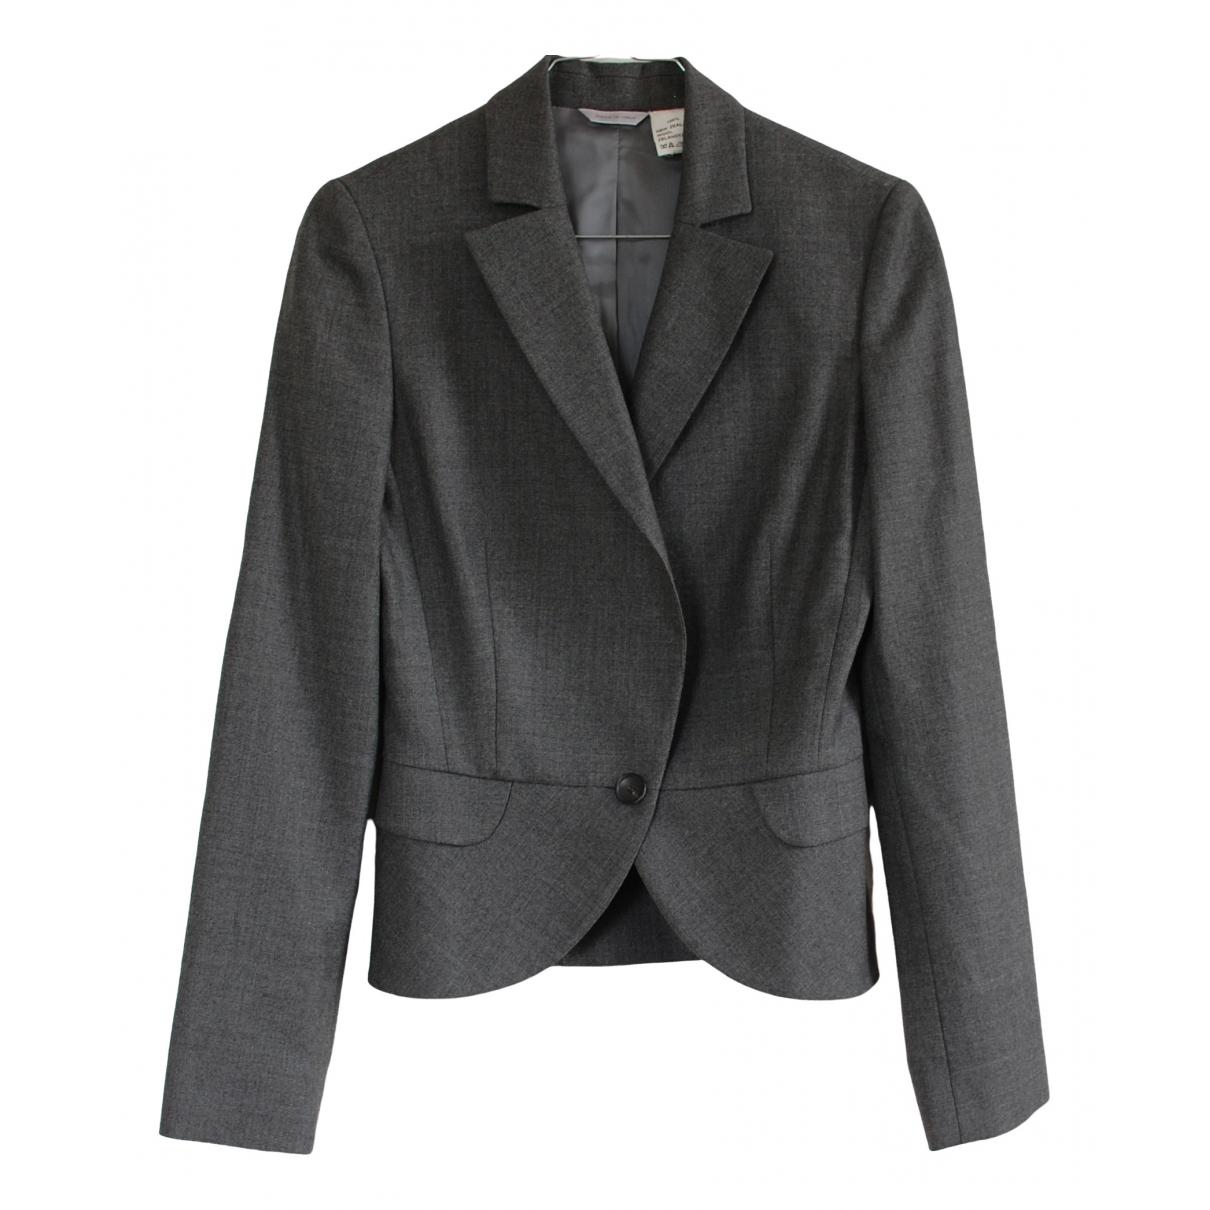 Barneys New York - Veste   pour femme en laine - gris